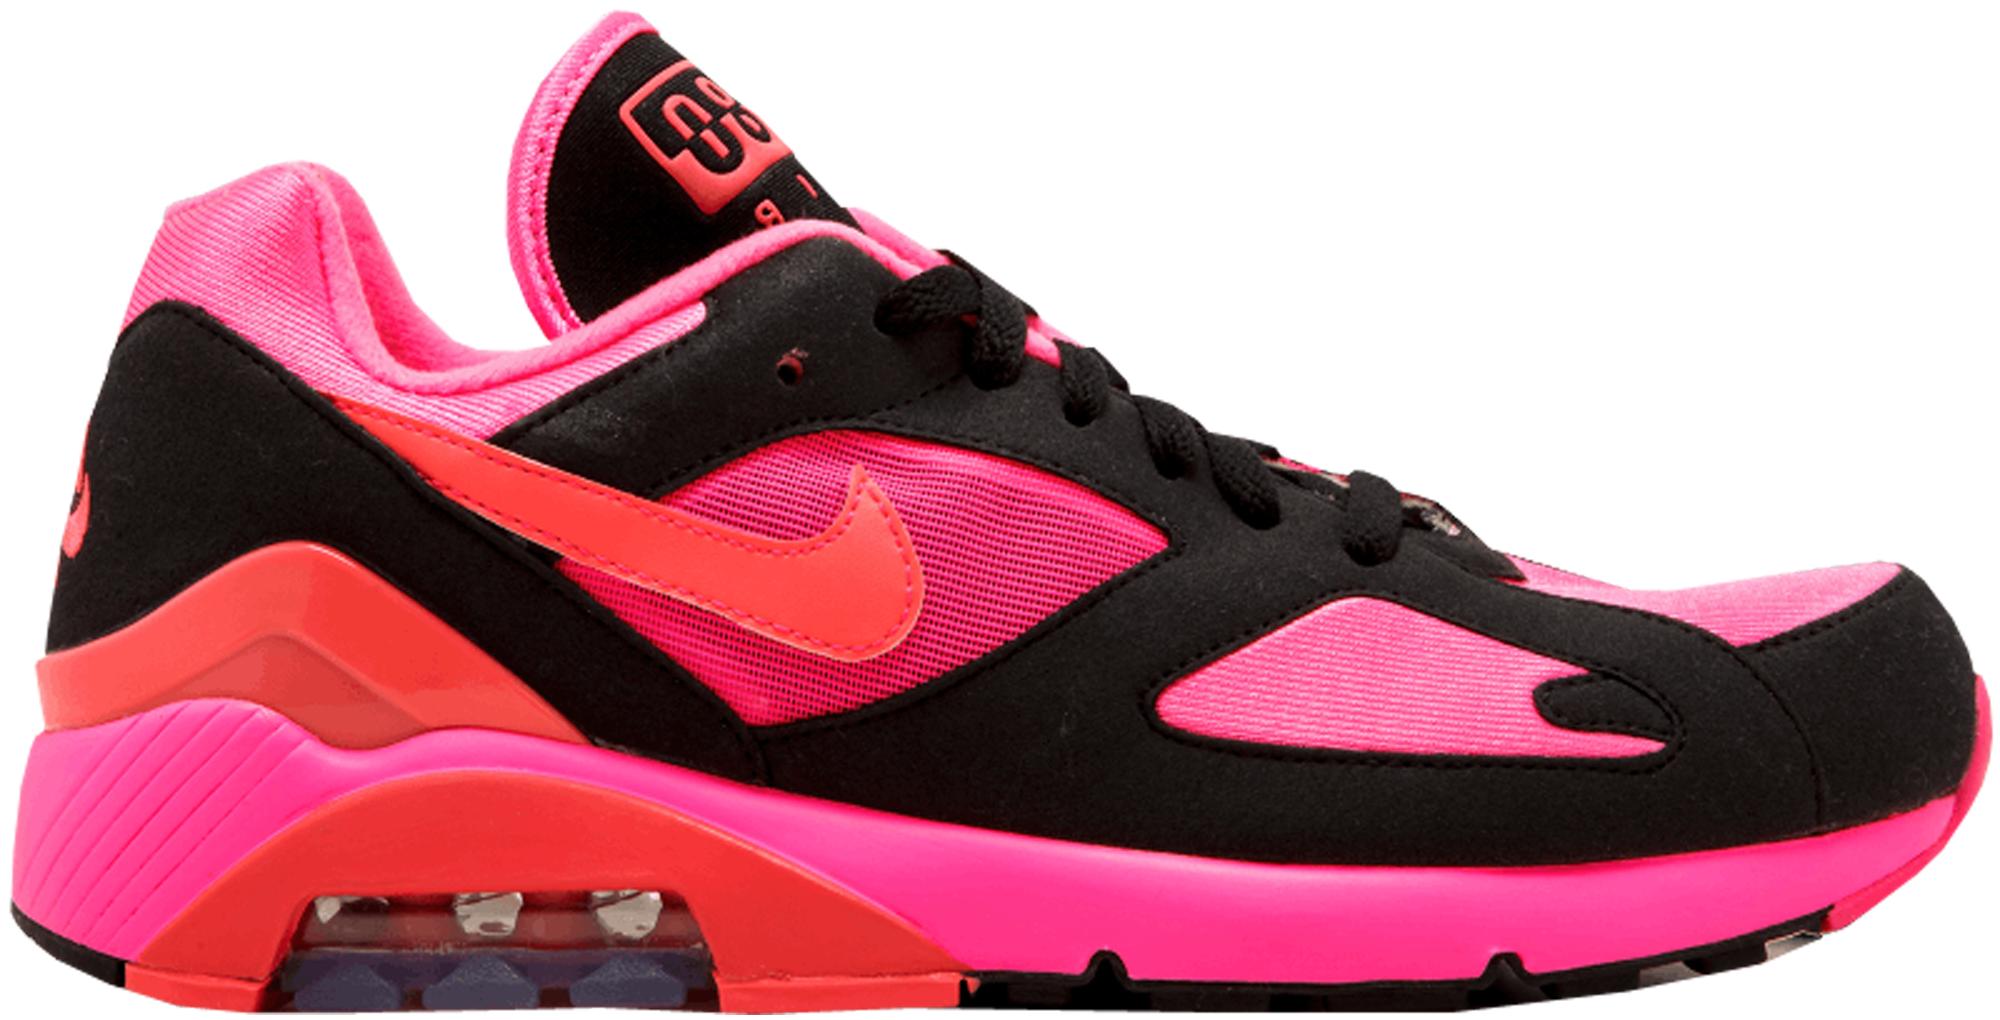 COMME des GARÇONS x Nike Air Max 180 Review